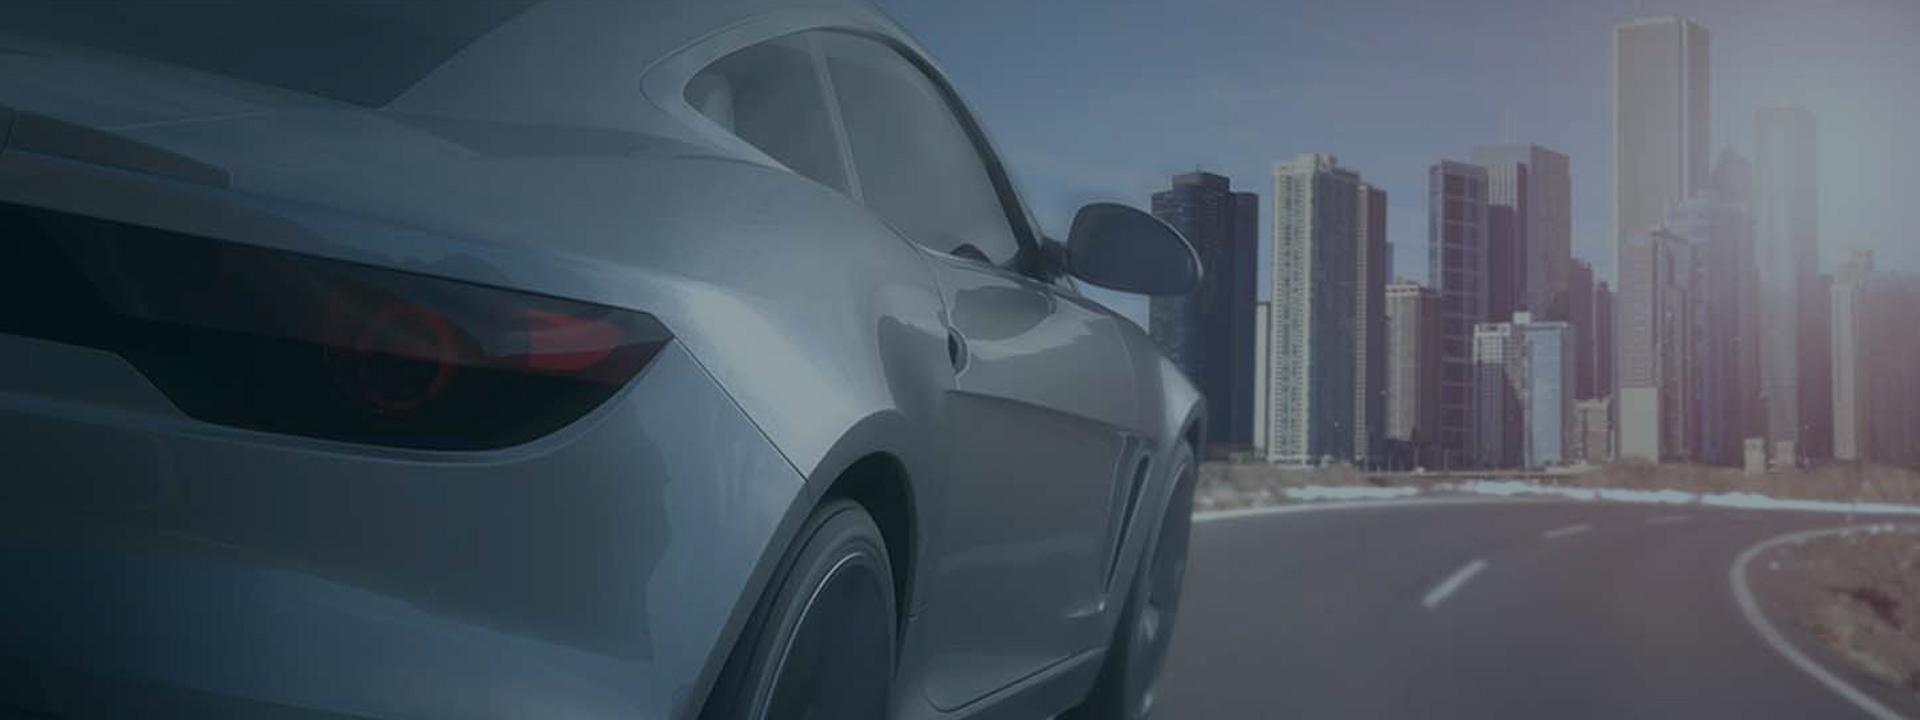 visteon-3d-model-car-driving-into-city